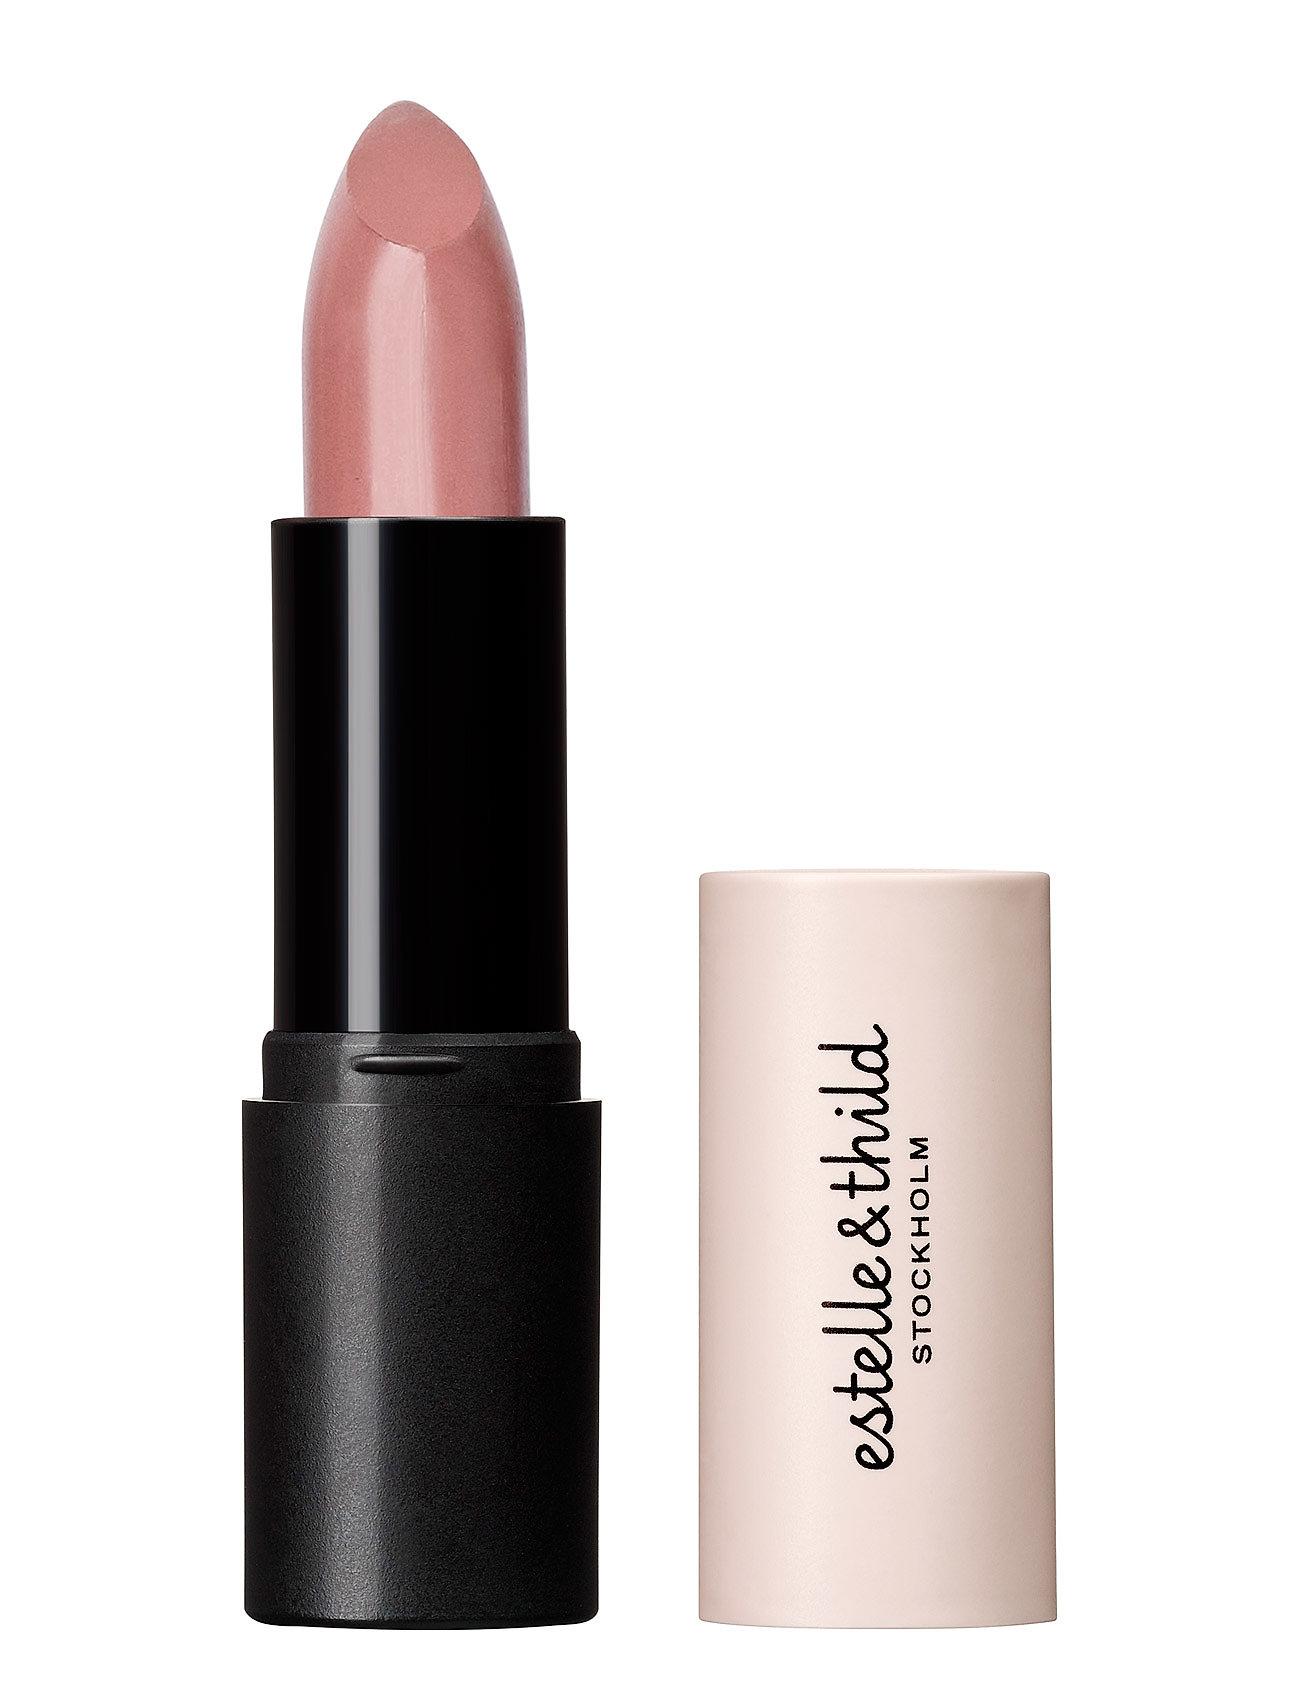 Estelle & Thild BioMineral Cream Lipstick Cashmere - CASHMERE